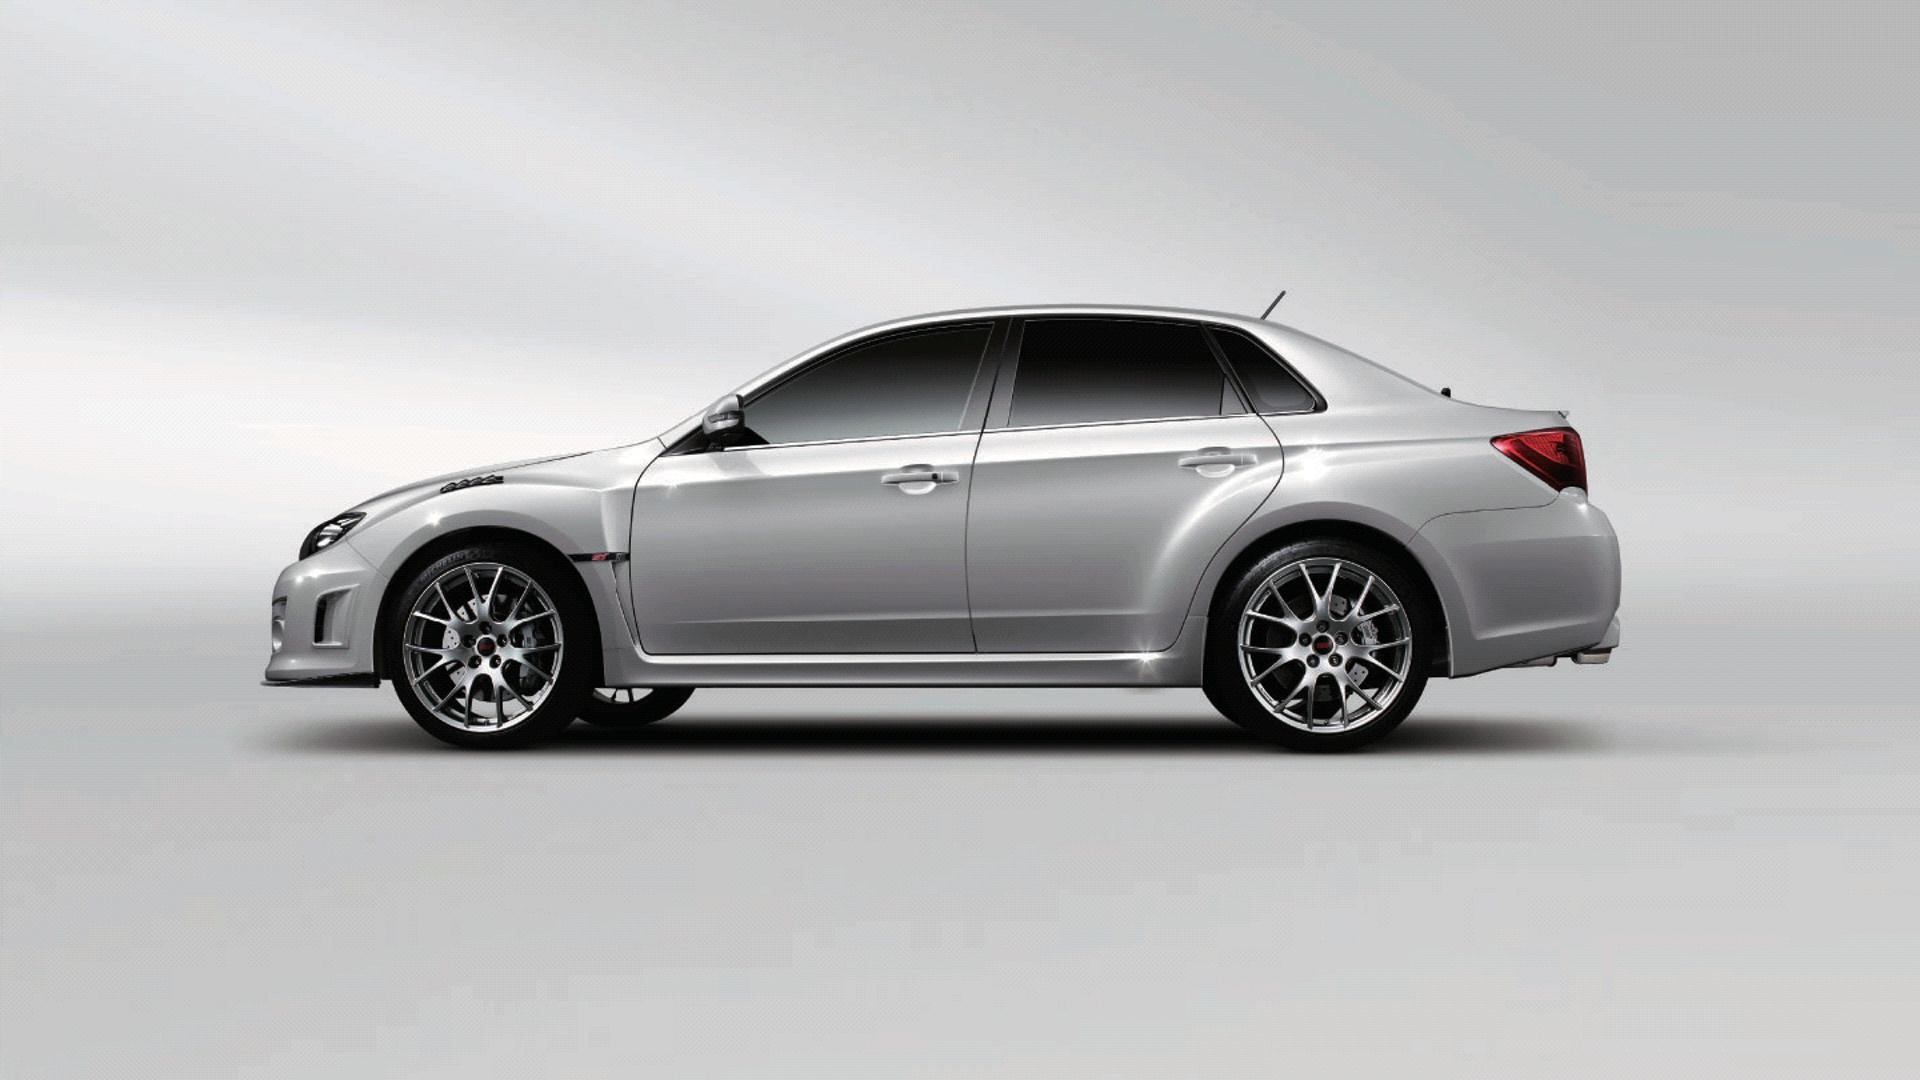 Subaru_Impreza_STI_S206_0036